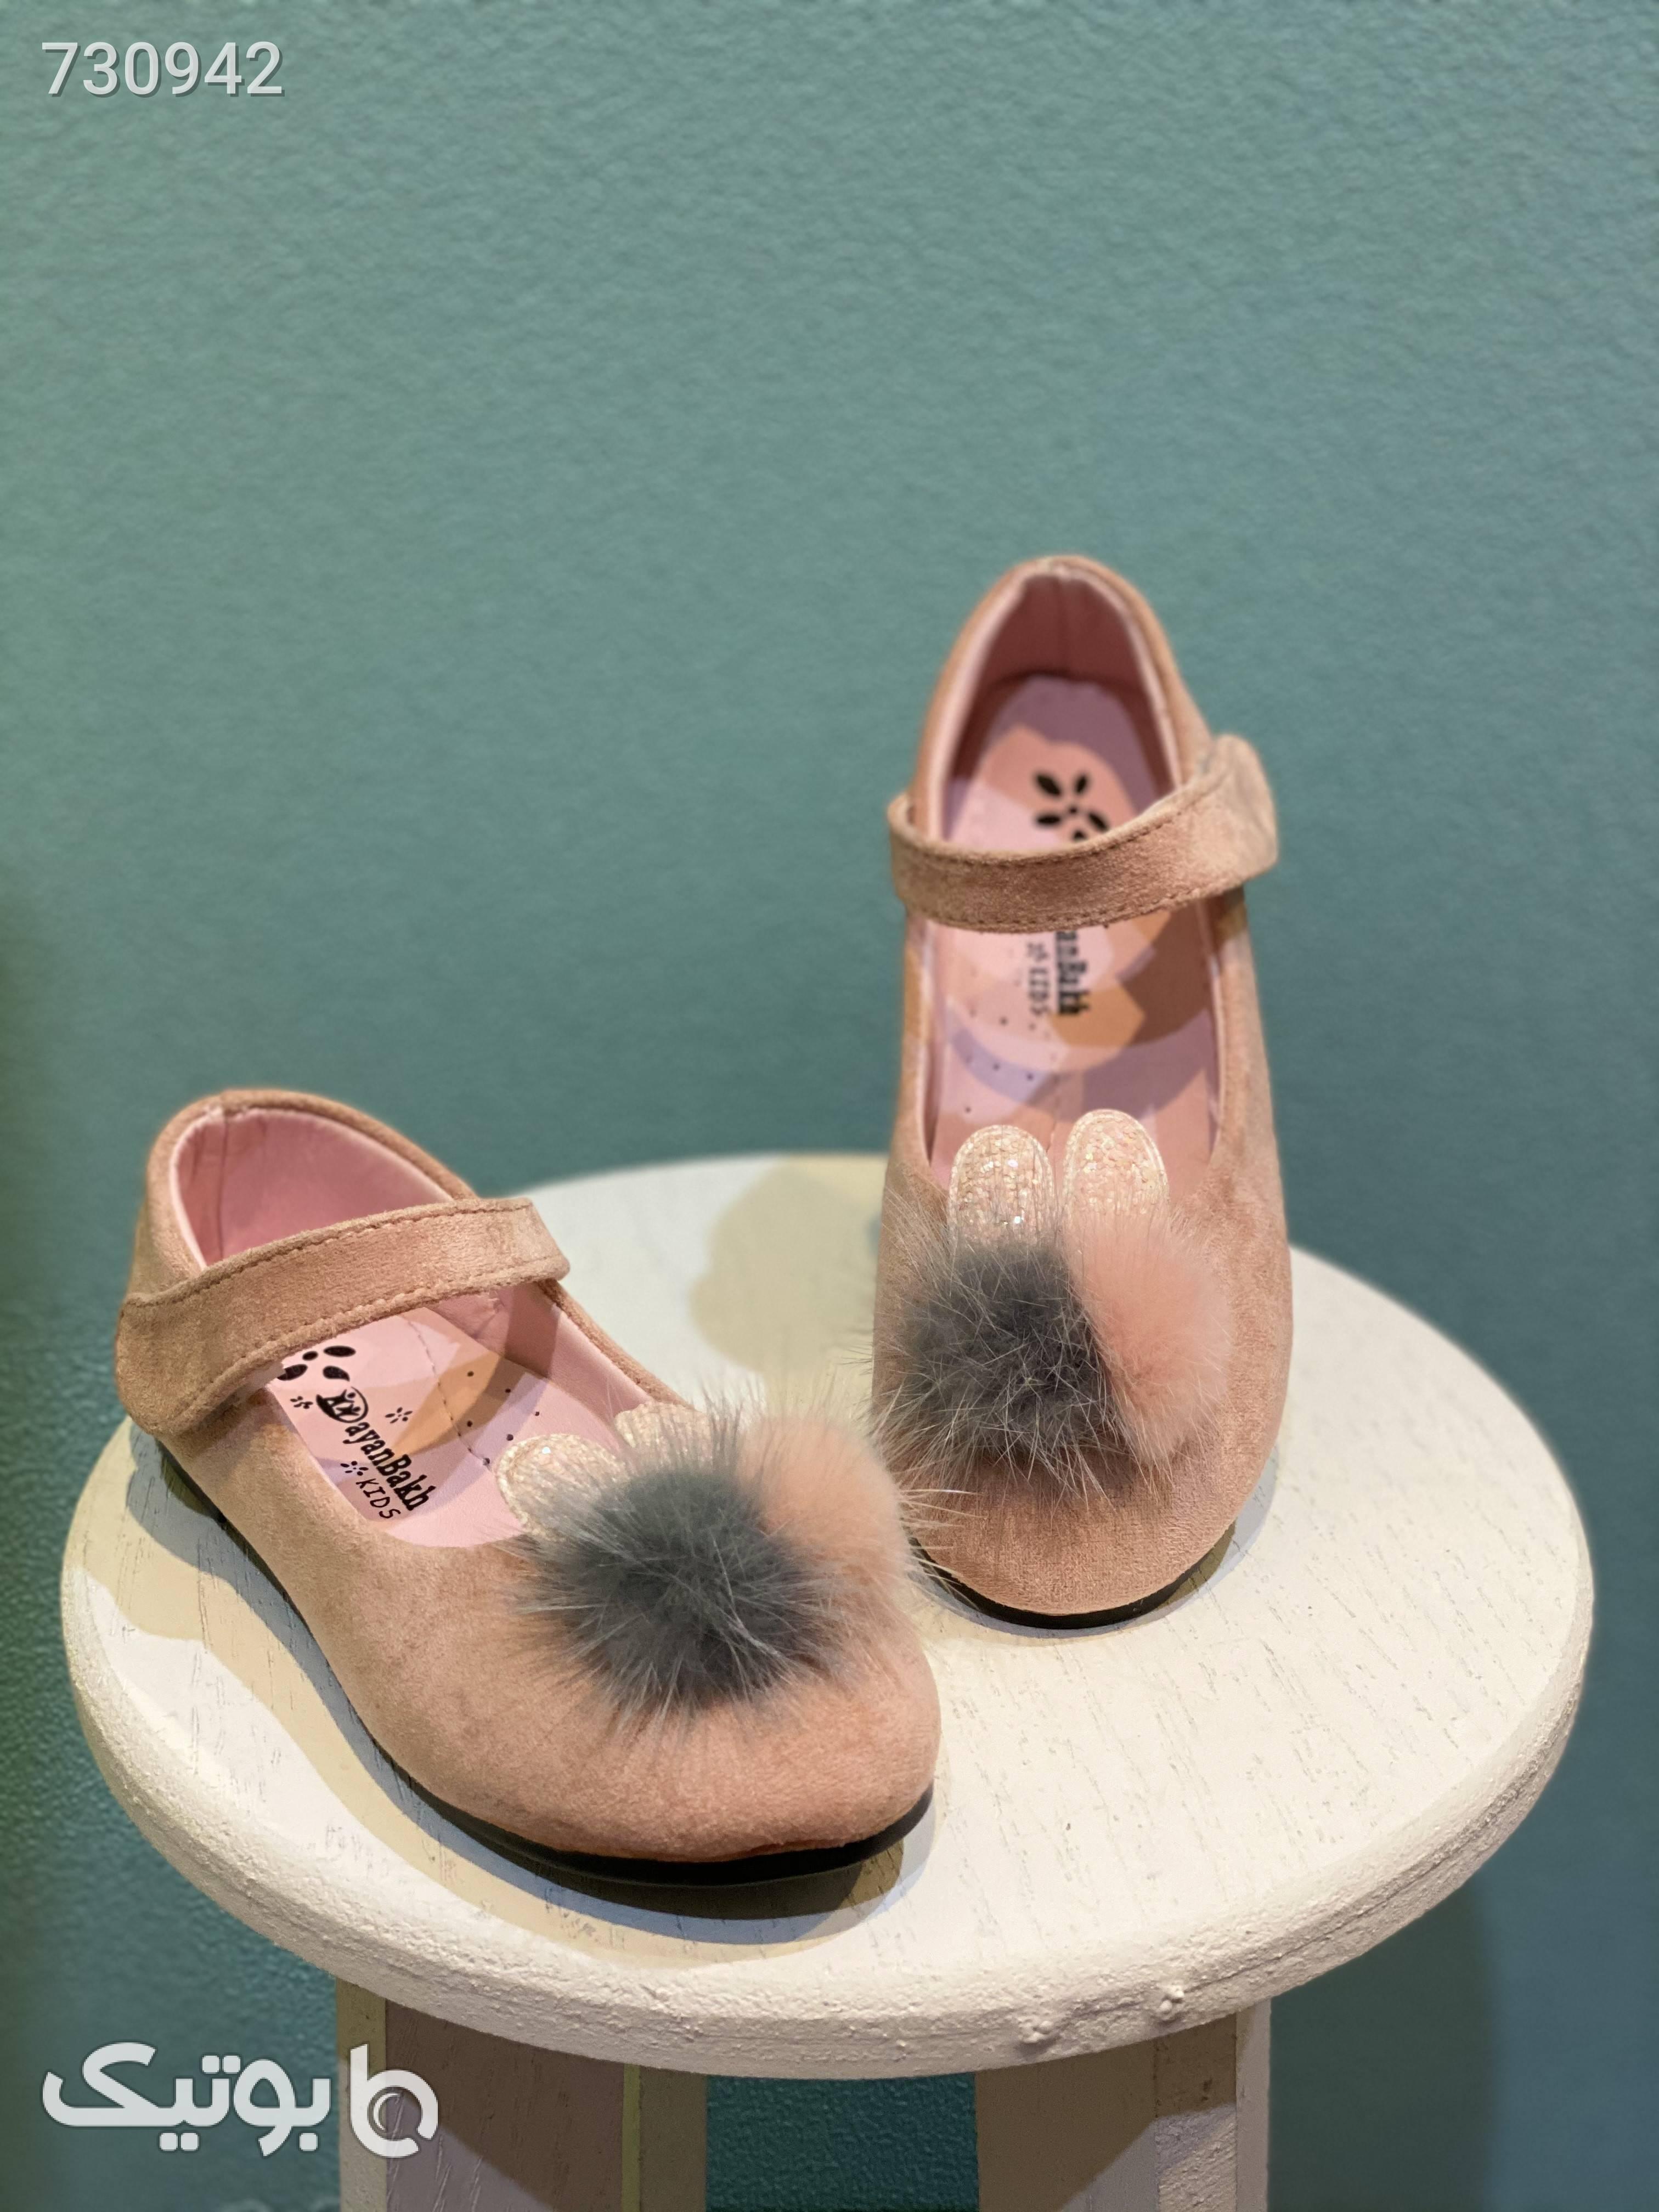 کفش عروسکی دخترانه کودک  مشکی کیف و کفش بچگانه